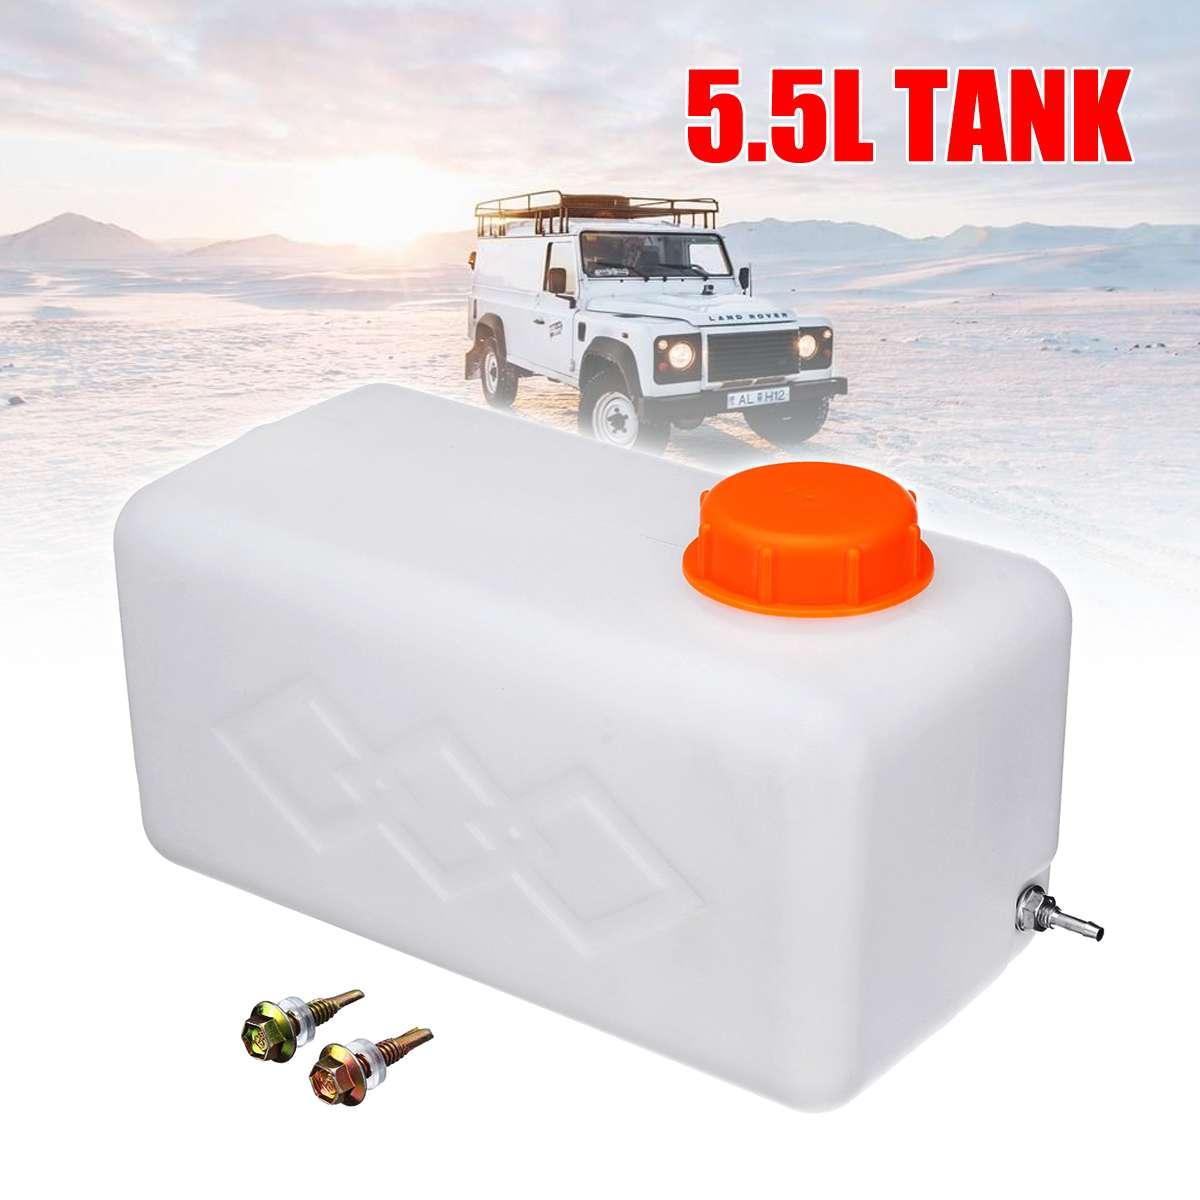 Kraftstoff Tank 5.5L Öl Benzin Diesels Benzin Kunststoff Storge Kanister Wasser Tank Boot Auto Lkw Parkplatz Heizung Zubehör